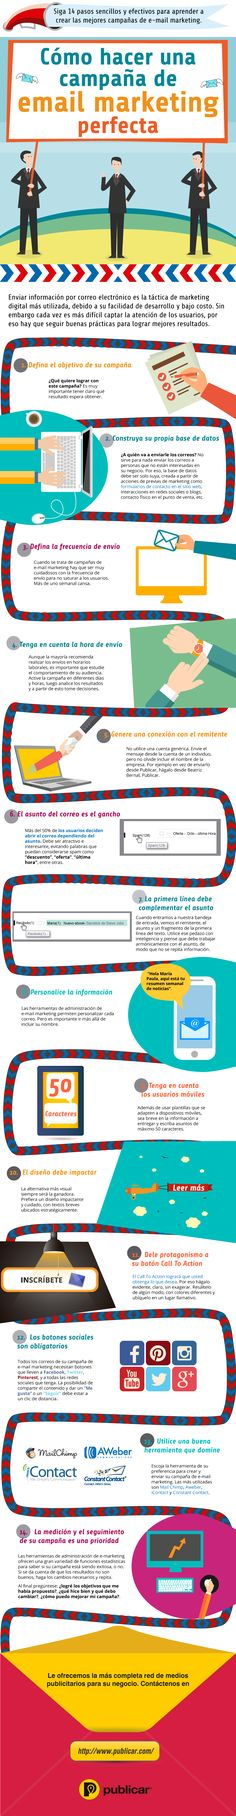 Cómo hacer una campaña de email marketing perfecta #infografia #infographic #marketing